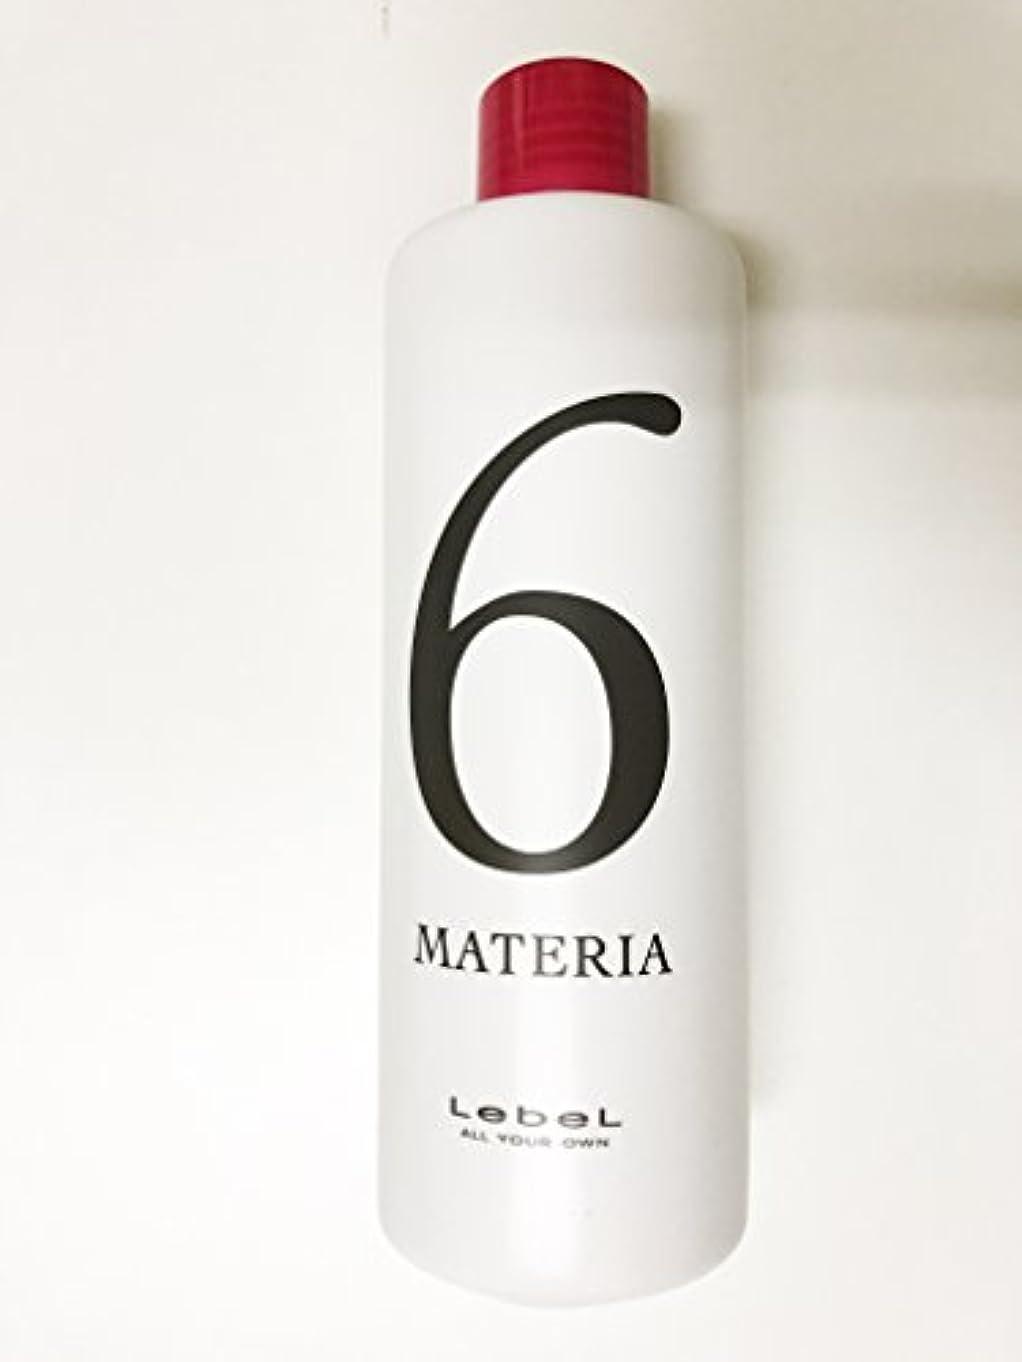 戦争バッテリー小さいルベル マテリア オキシW 6% 300ml